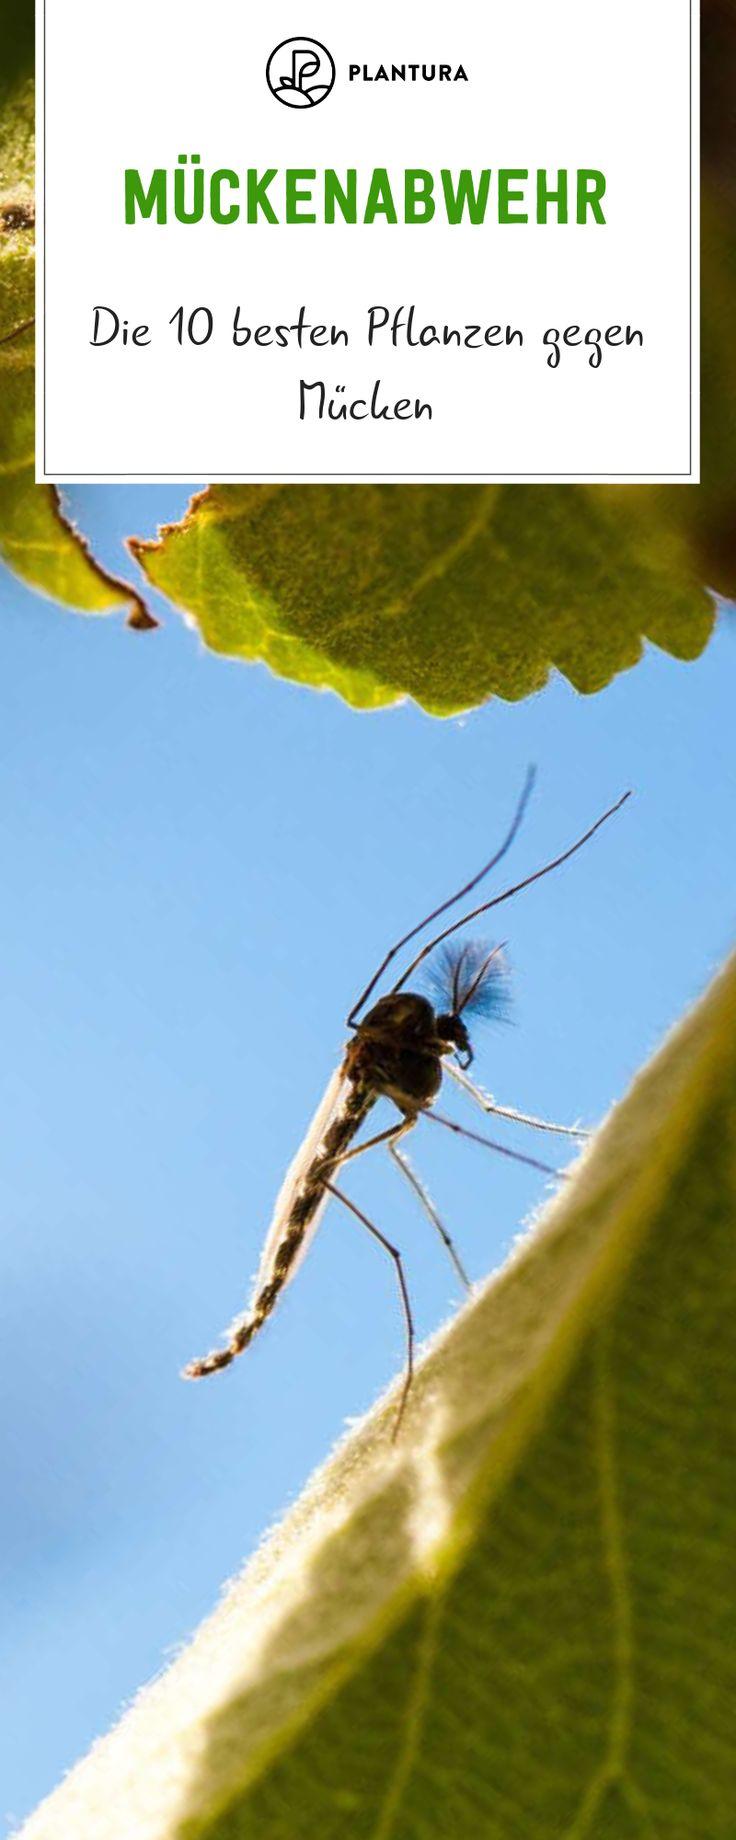 Pflanzen gegen Mücken: Die 10 besten Pflanzen zur Mückenabwehr